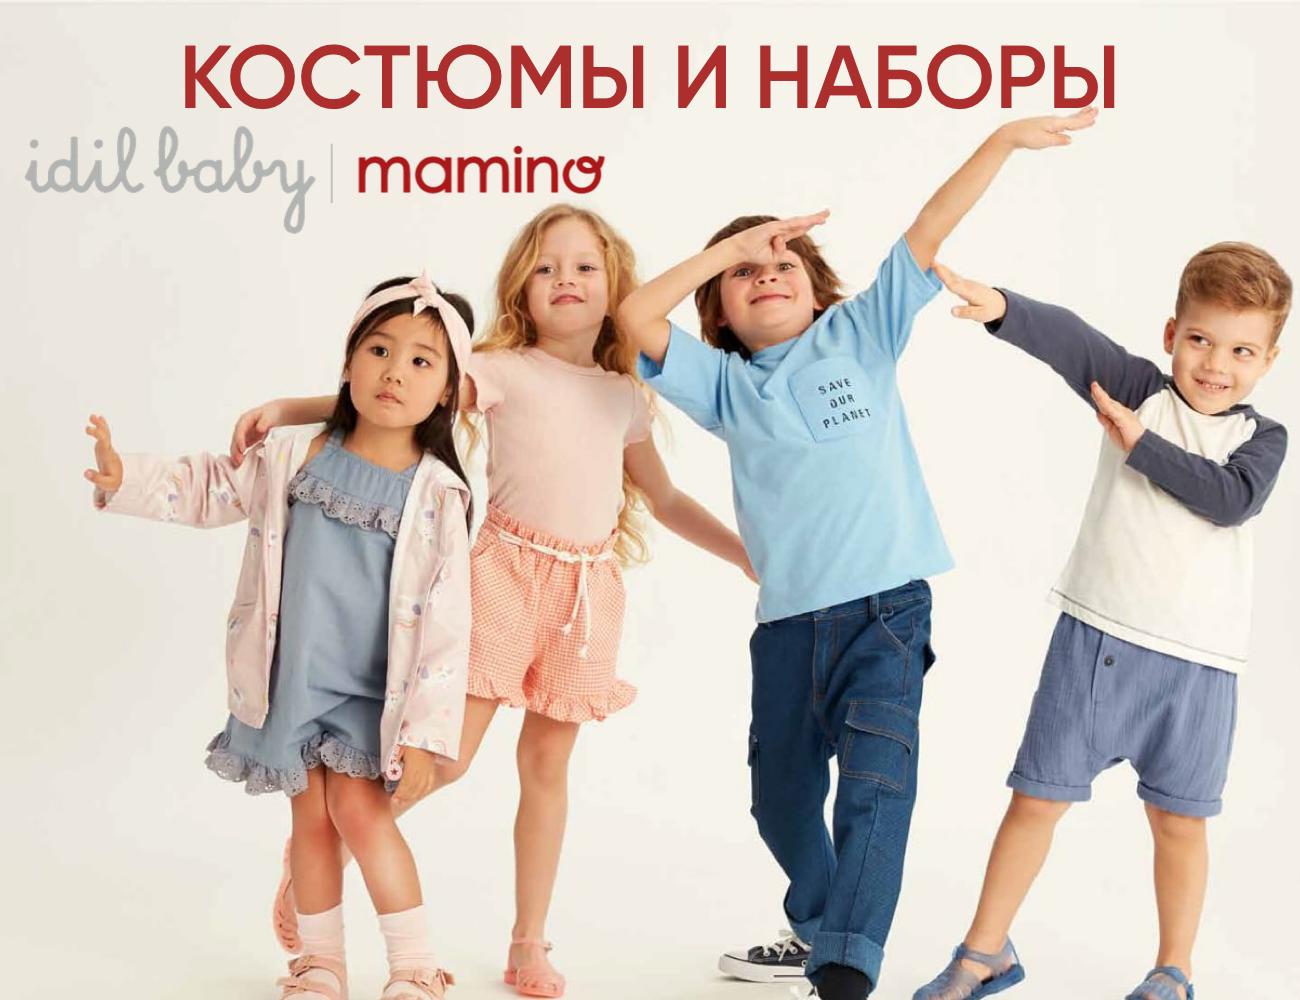 idilbabymamino